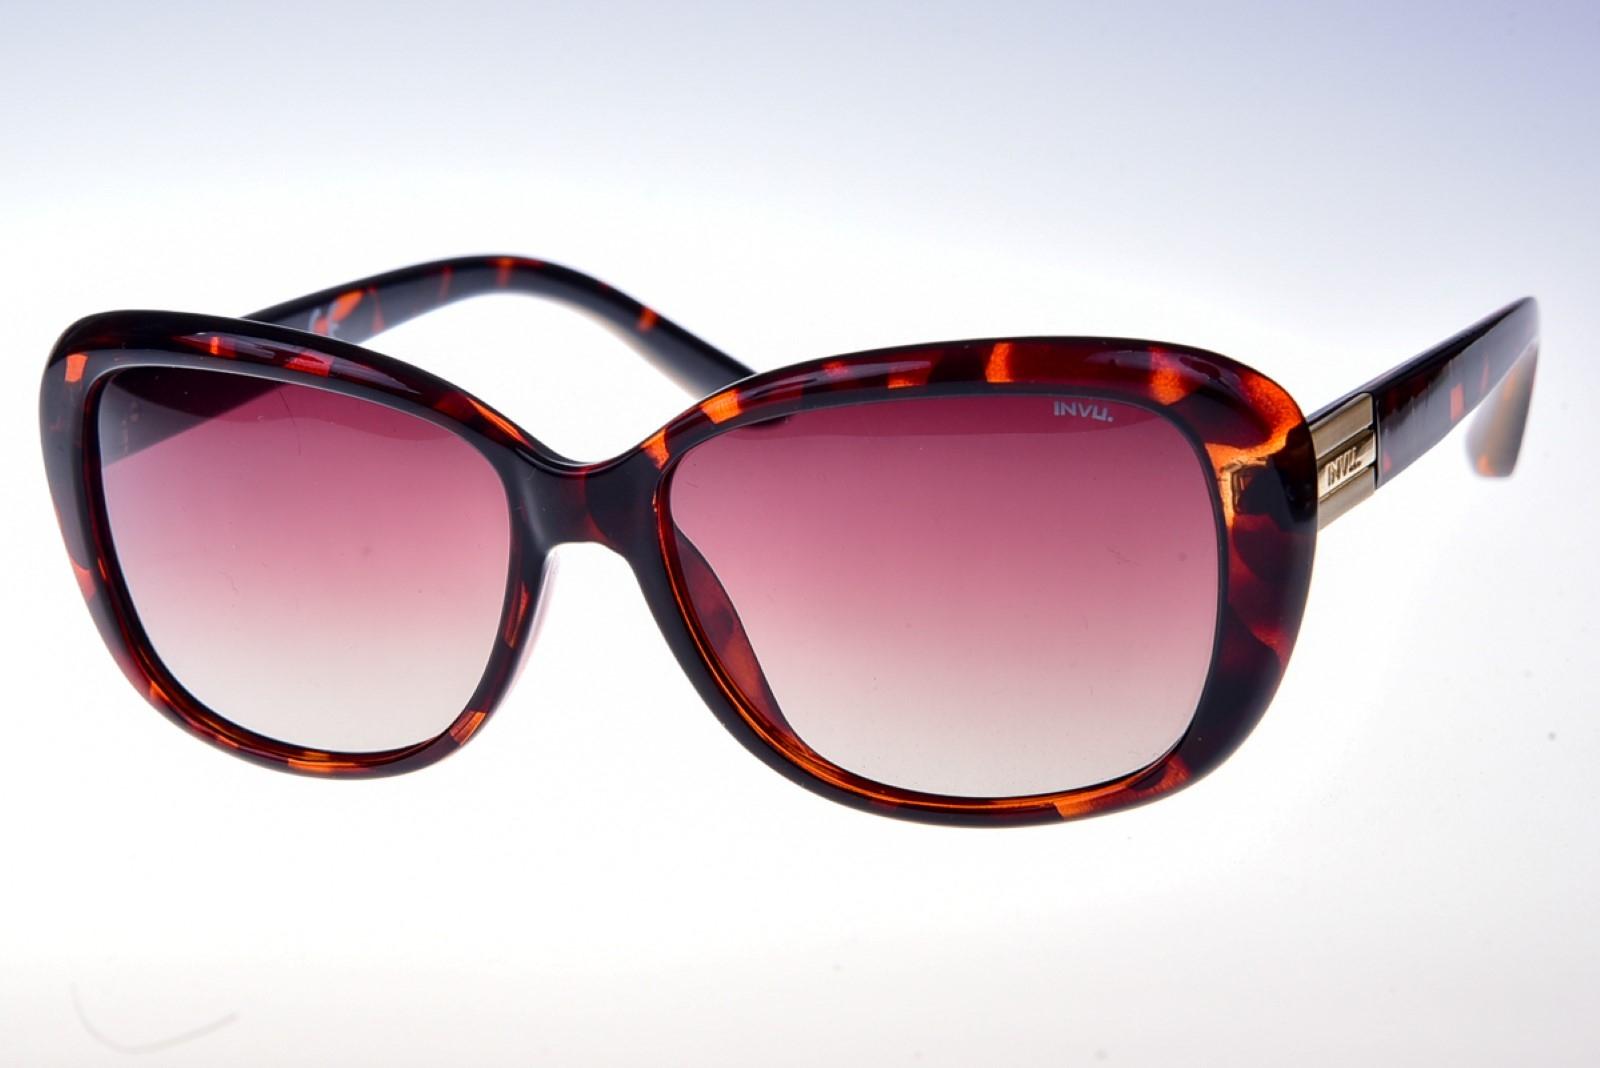 INVU. Classic B2836B - Dámske slnečné okuliare